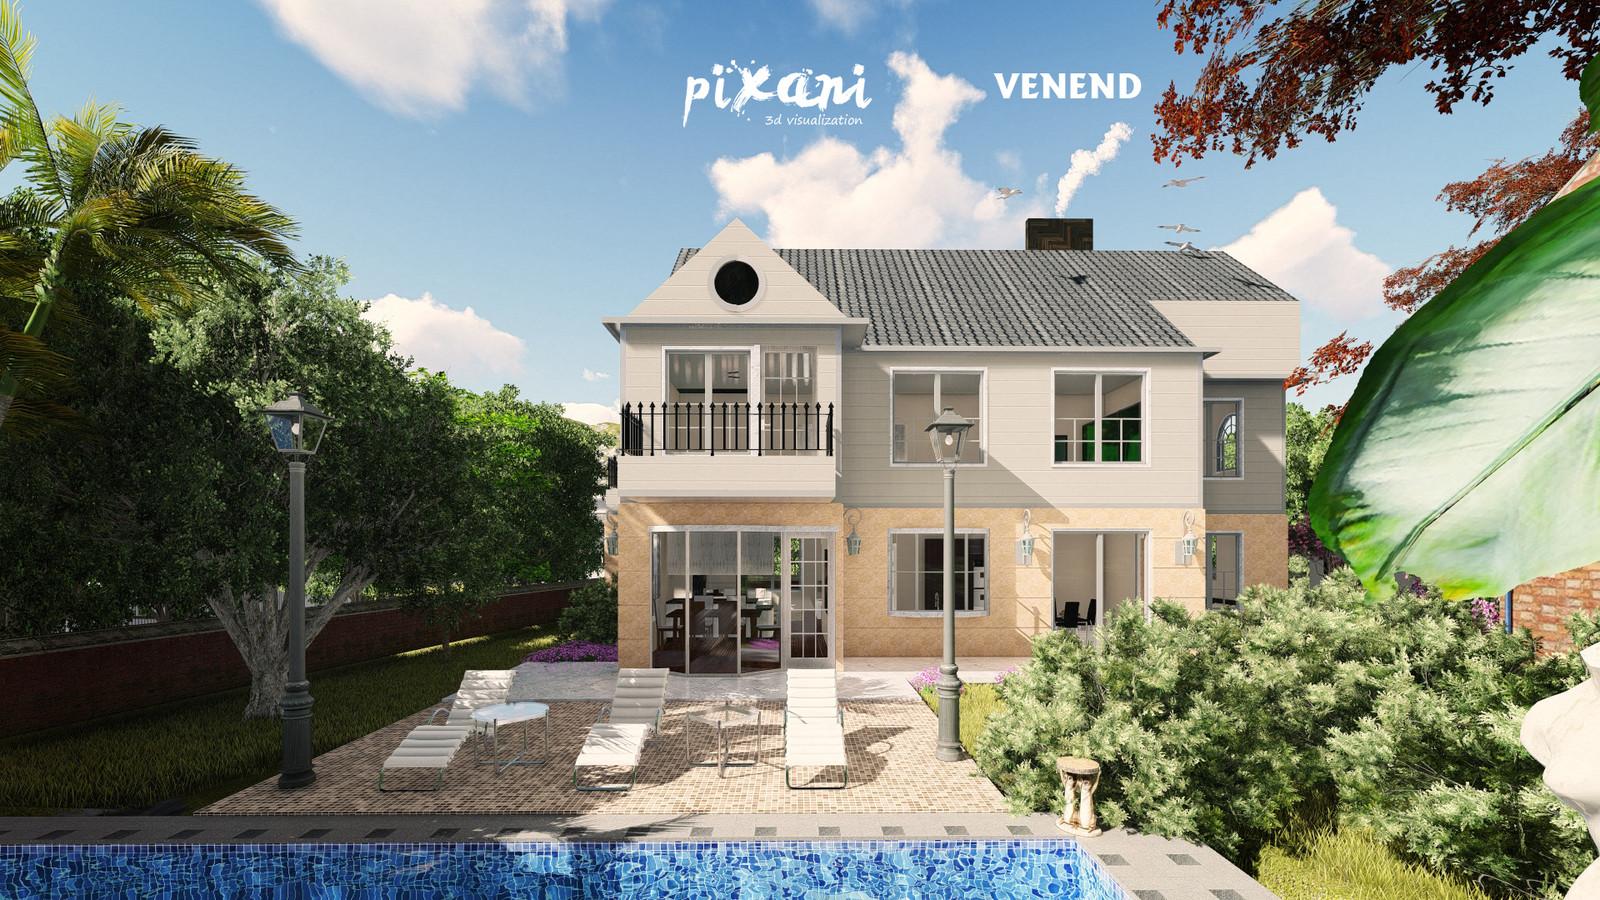 VENEND HOME PROJECT Architect & CG Artist: Serdar Çakmak  built in Naxçıvan